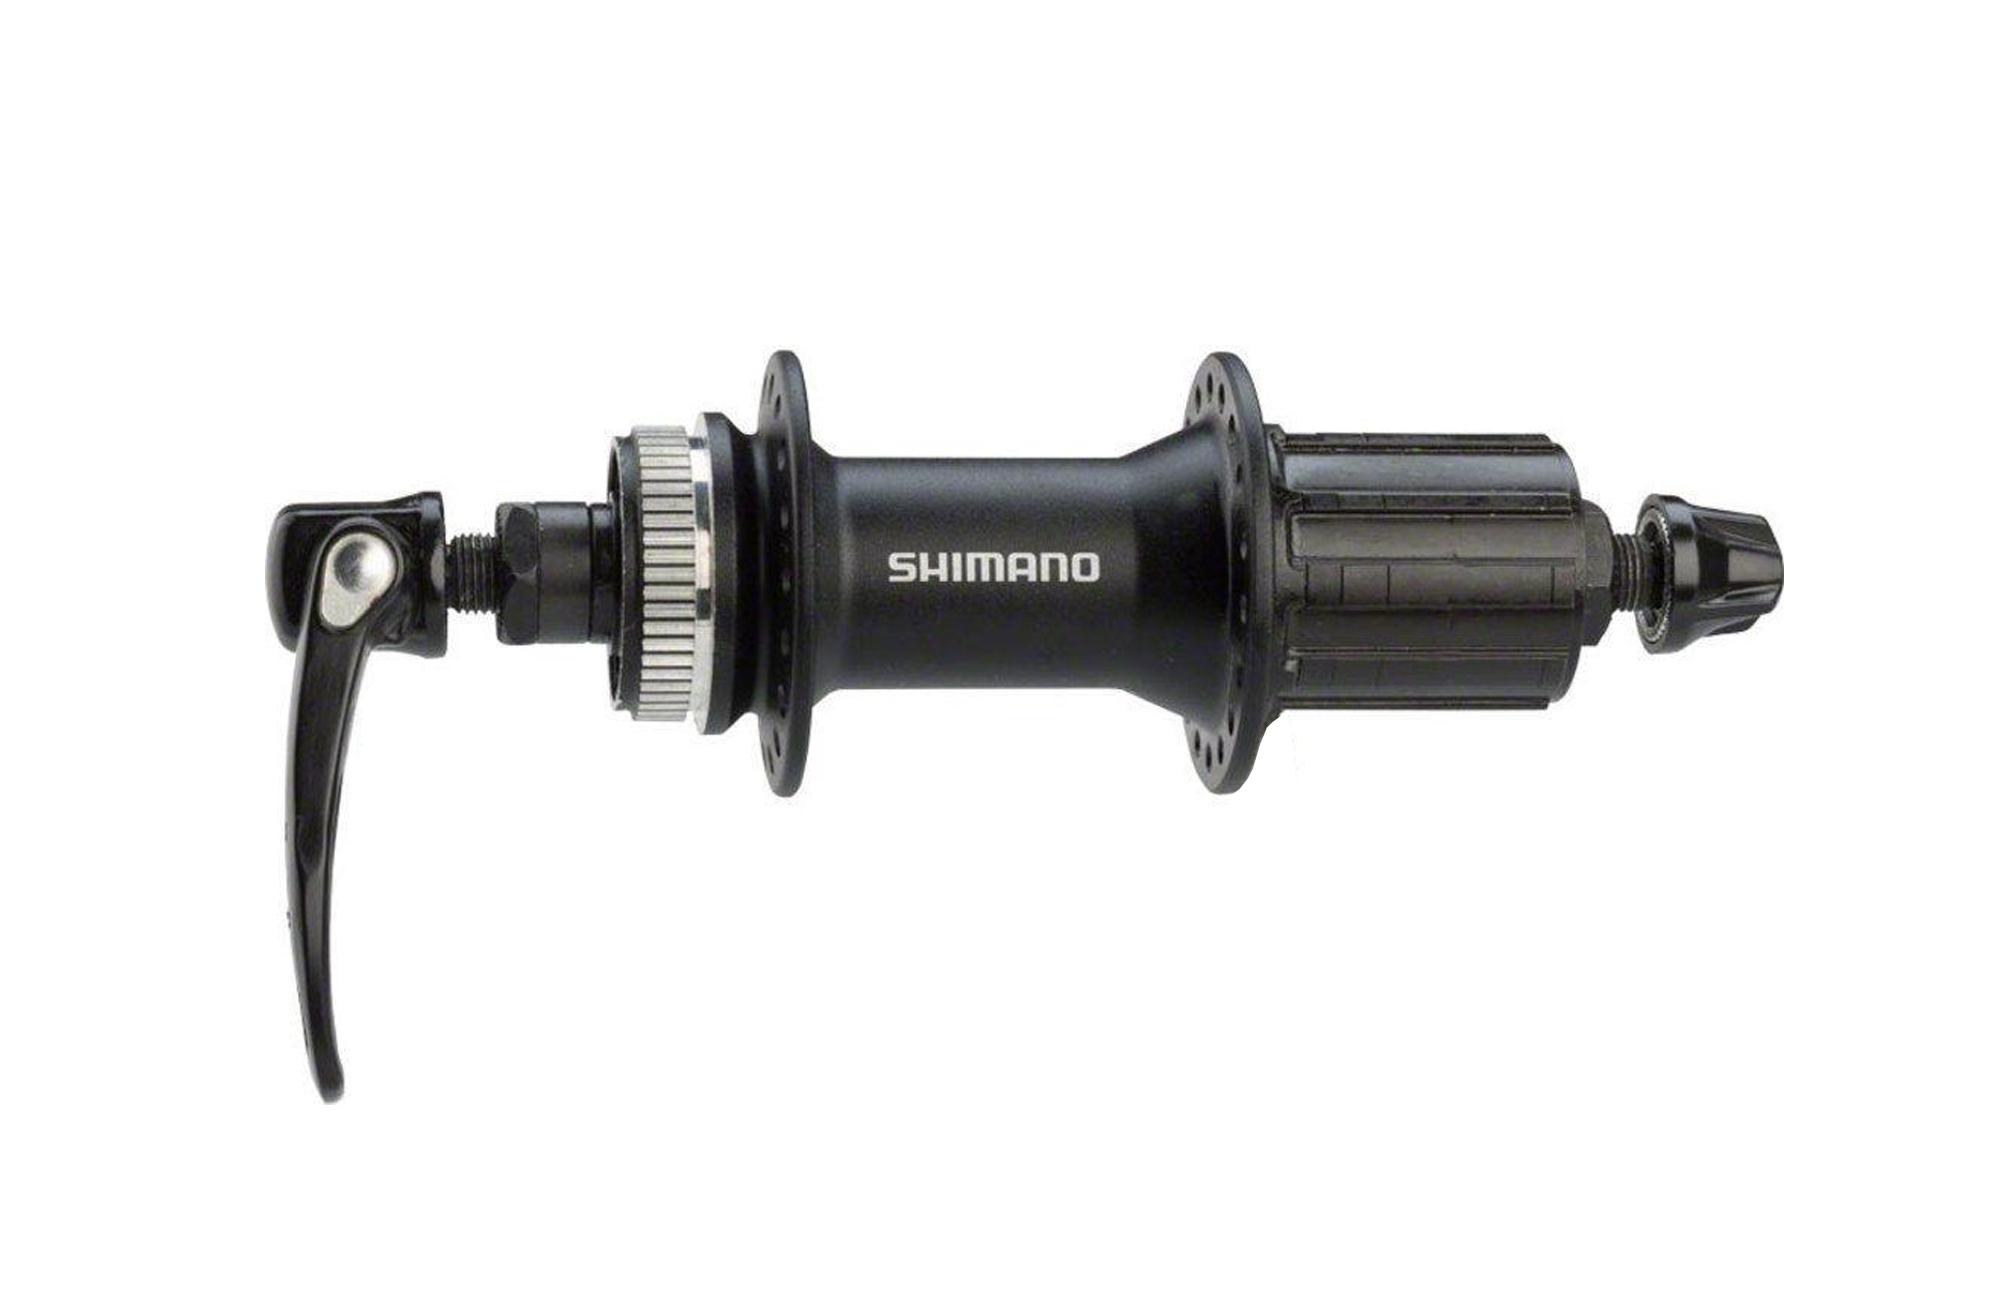 Купить Втулка задняя Shimano Alivio, FH-M4050, 32H. 8ǟск QR, C.lock в интернет магазине велосипедов. Выбрать велосипед. Цены, фото, отзывы